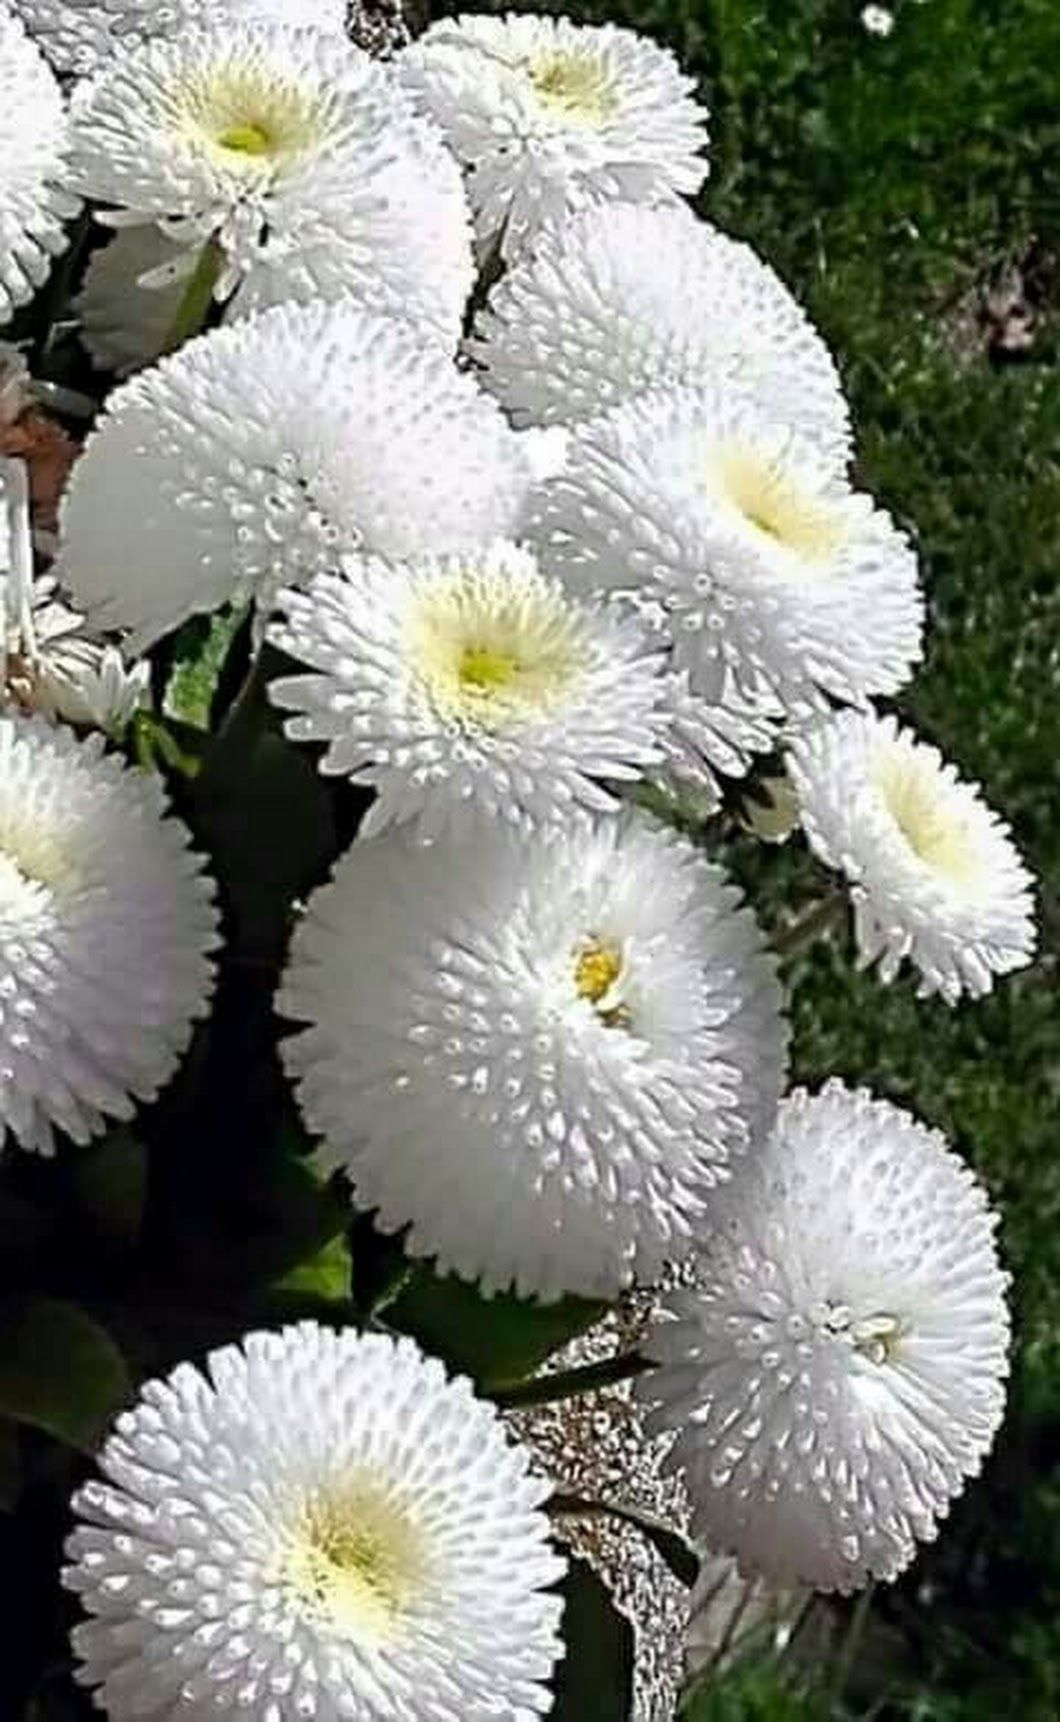 Pin By Cheryl Watkins On Flower Arrangements In 2018 Pinterest